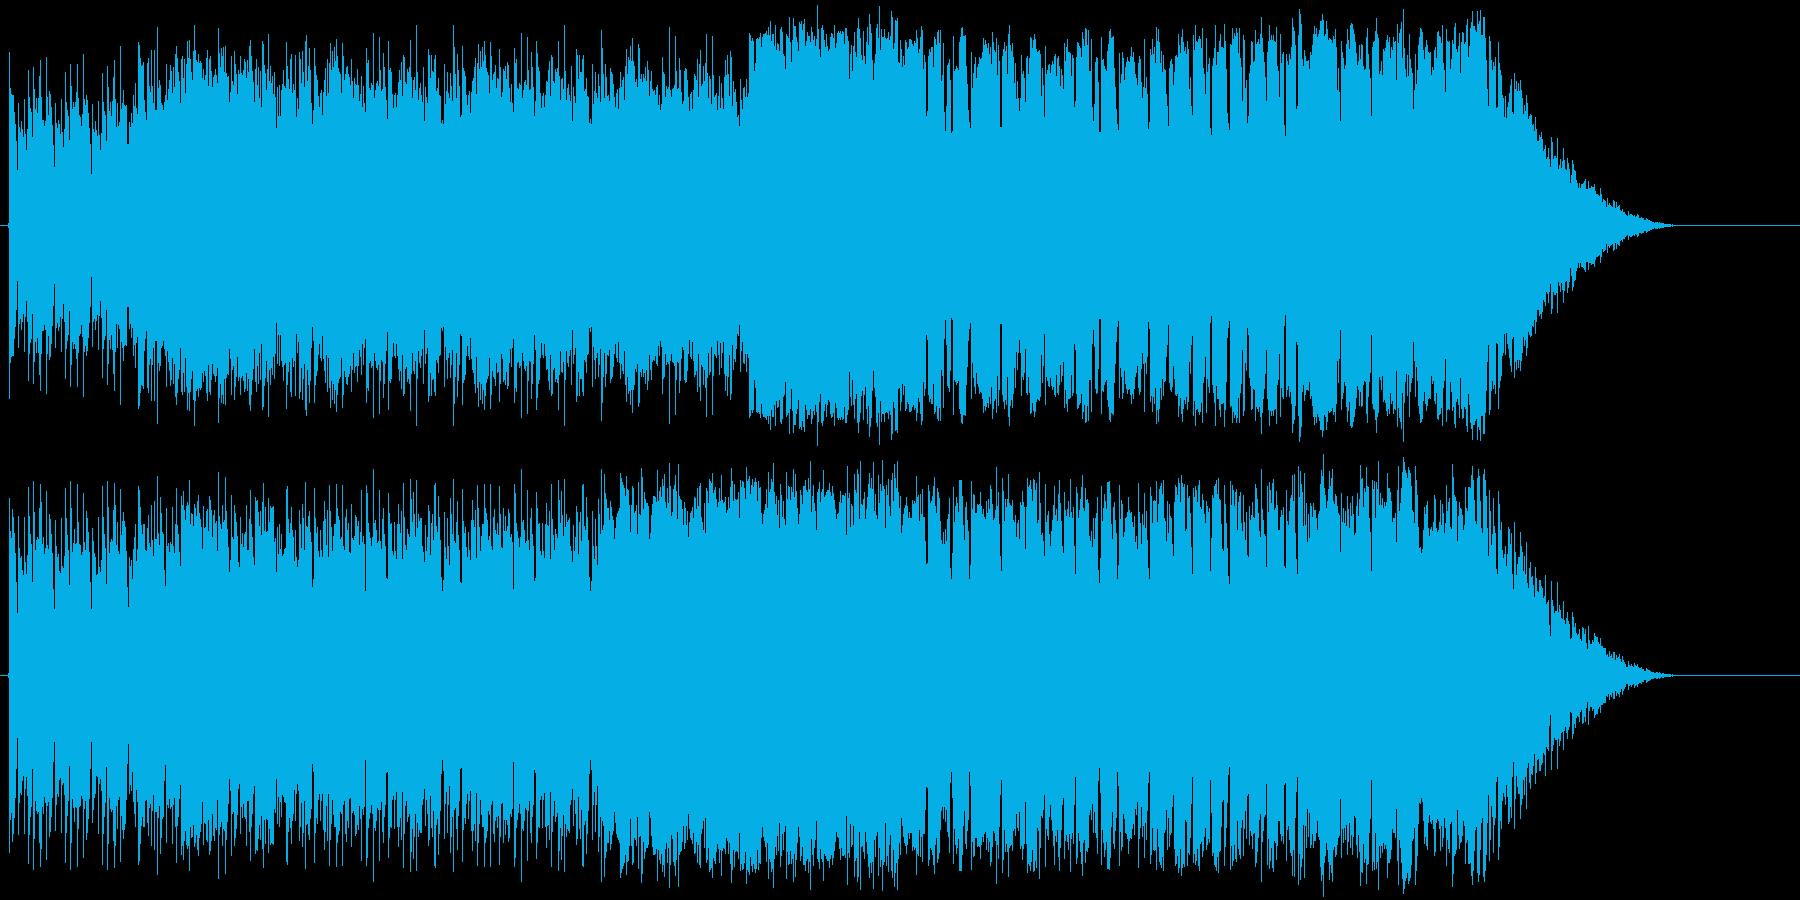 金管メイン+オーケストラ+ピアノ曲_0…の再生済みの波形